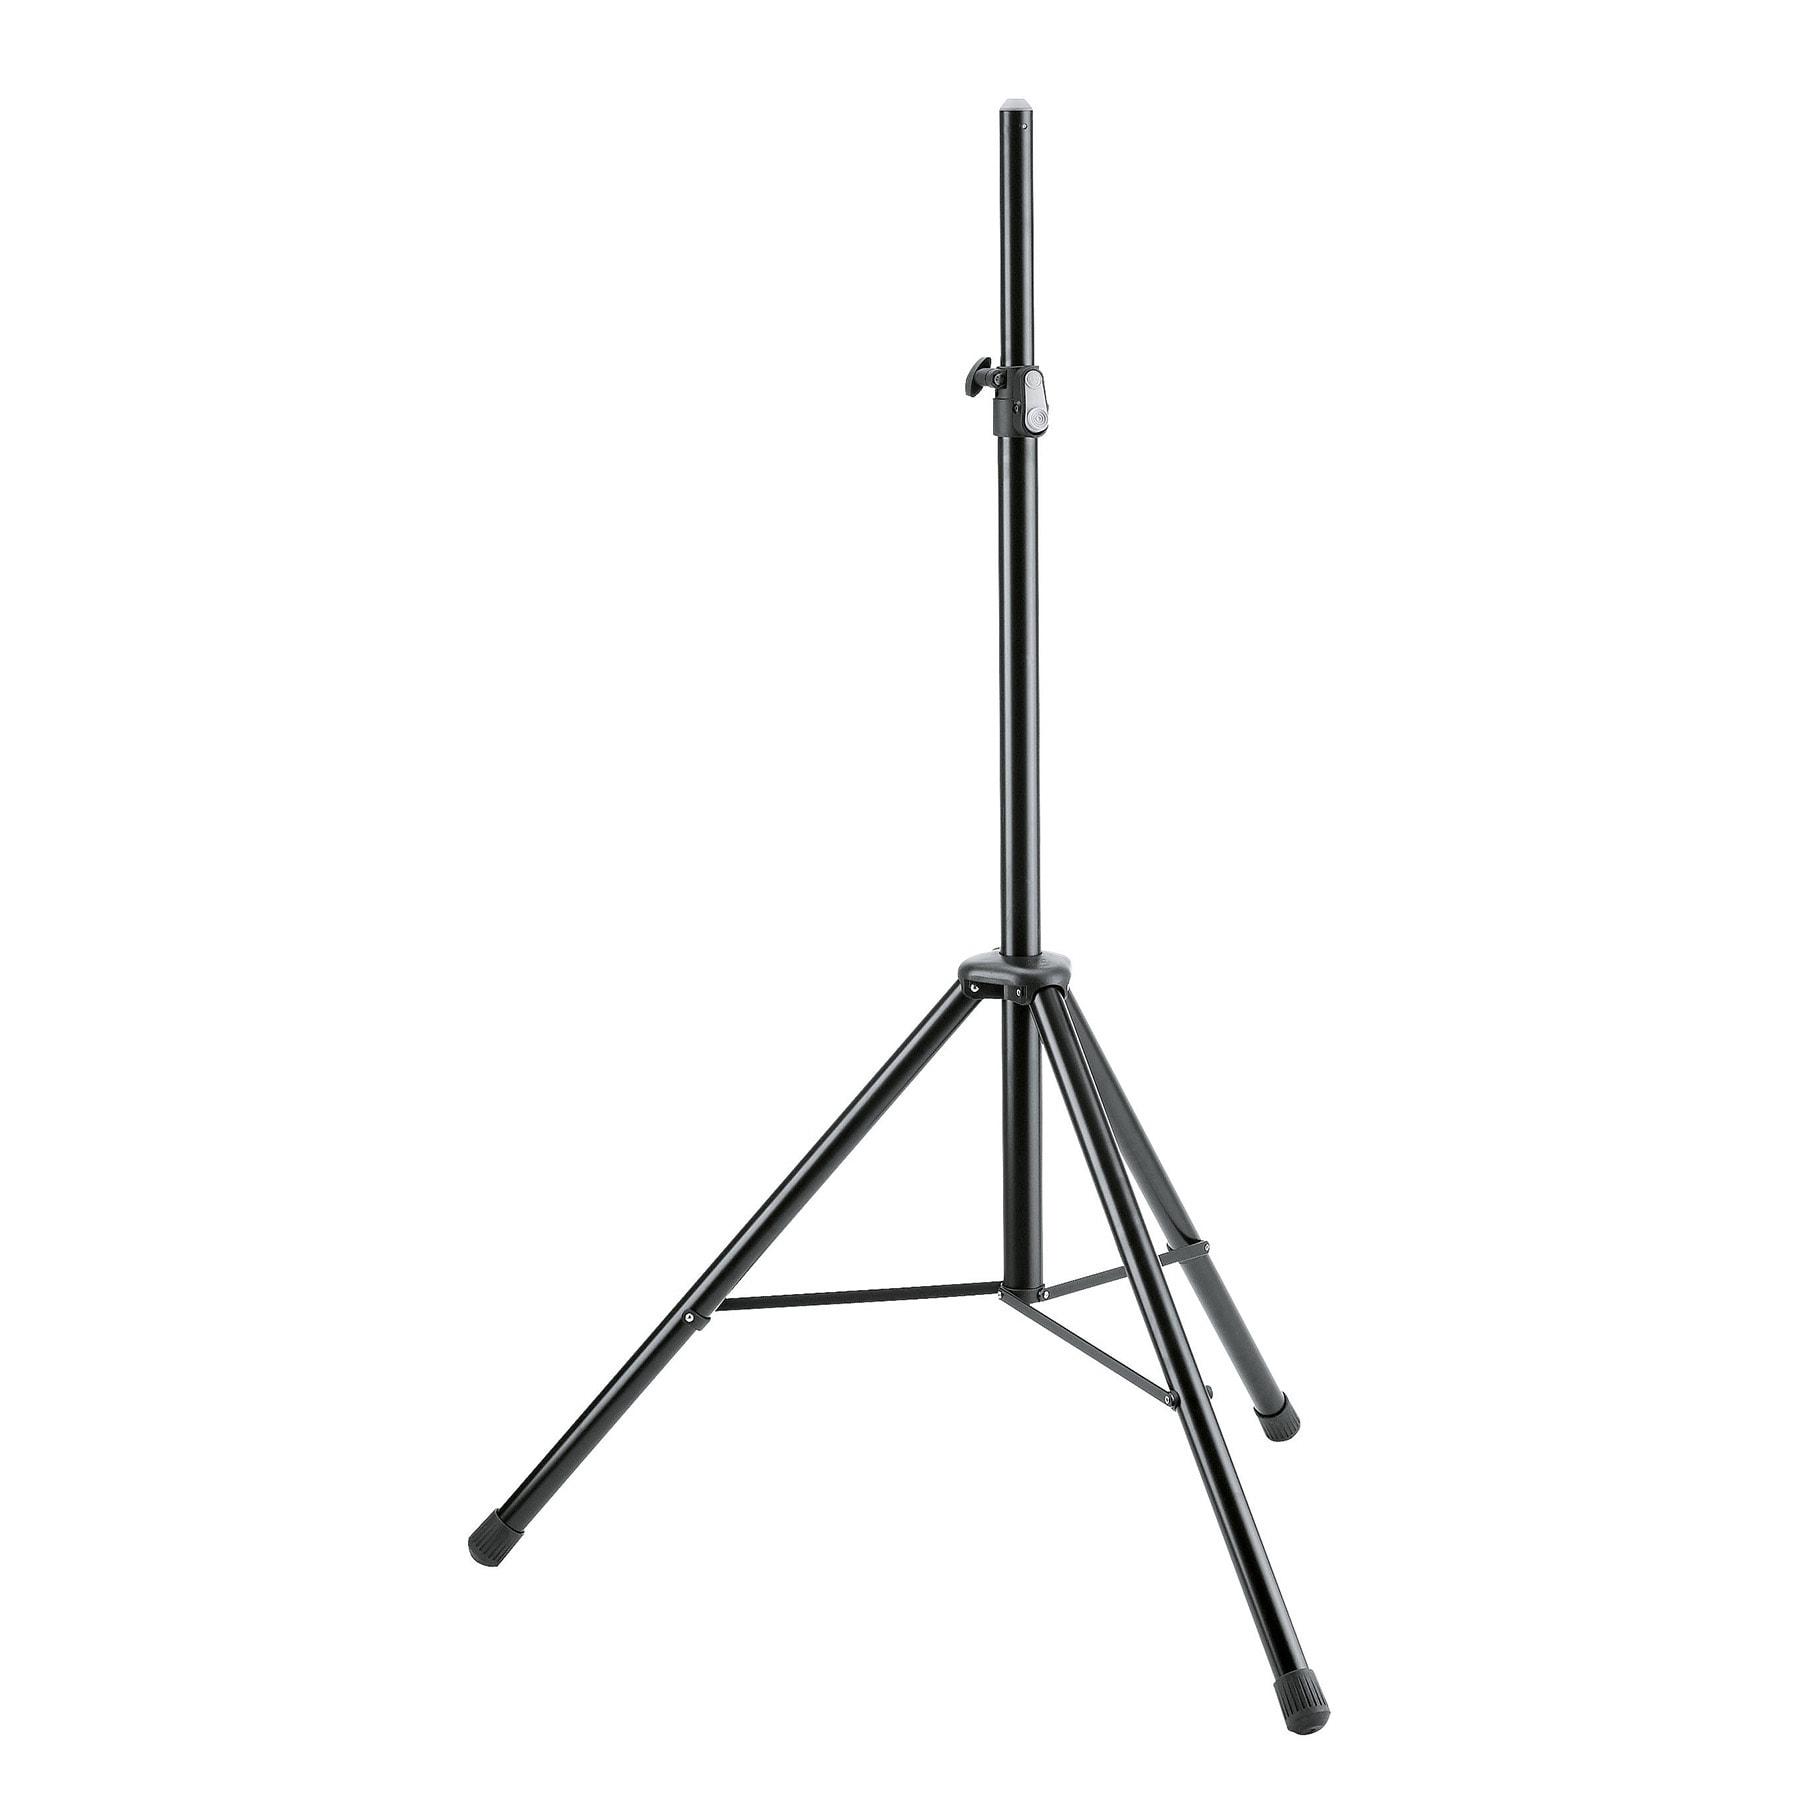 KM21436 - Speaker stand